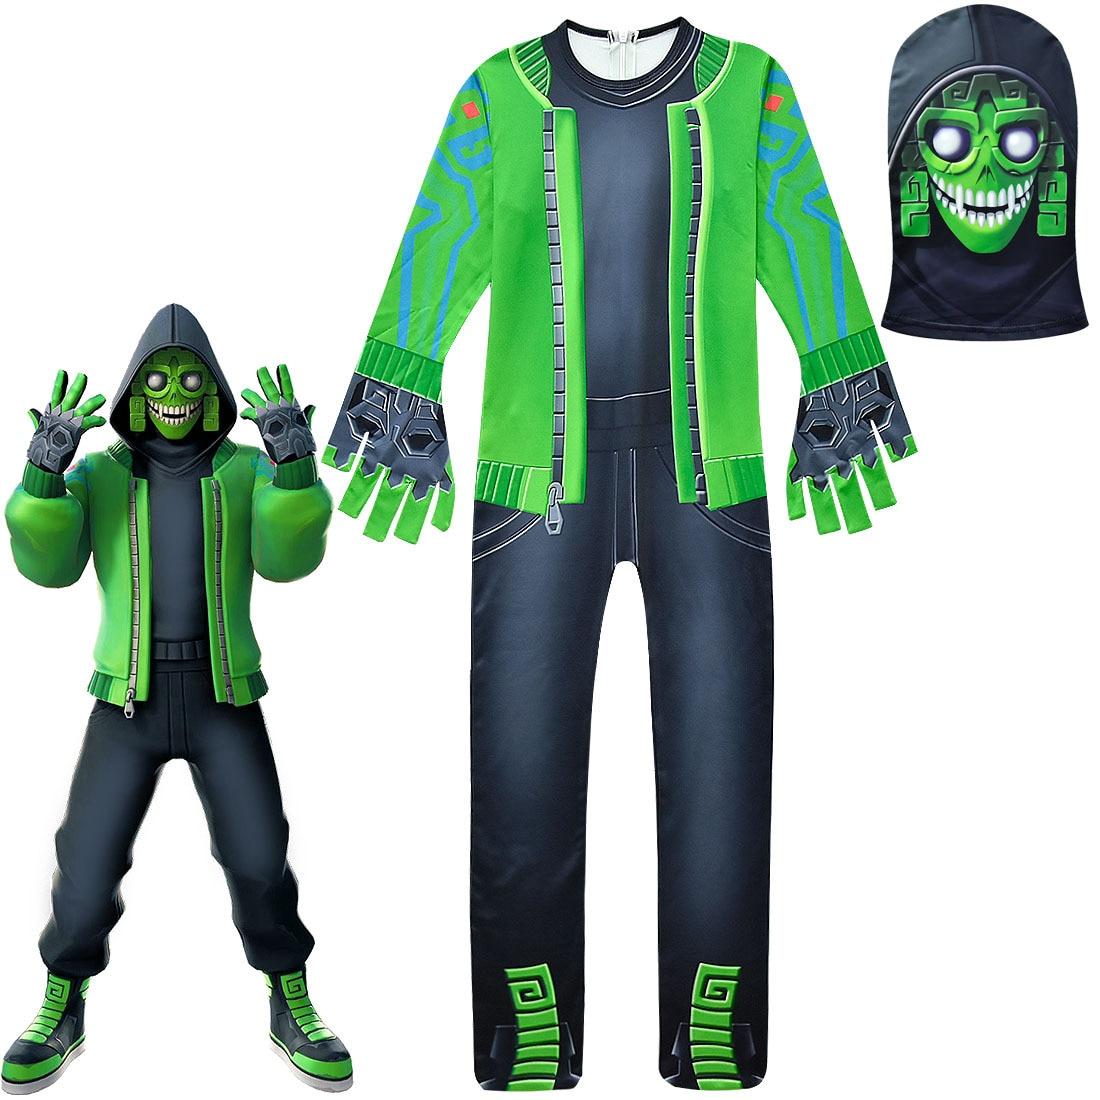 2019 novas crianças fortaleza jogo cosplay trajes meninos meninas fort cos verde macacão jogo batalha traje com chapelaria máscara